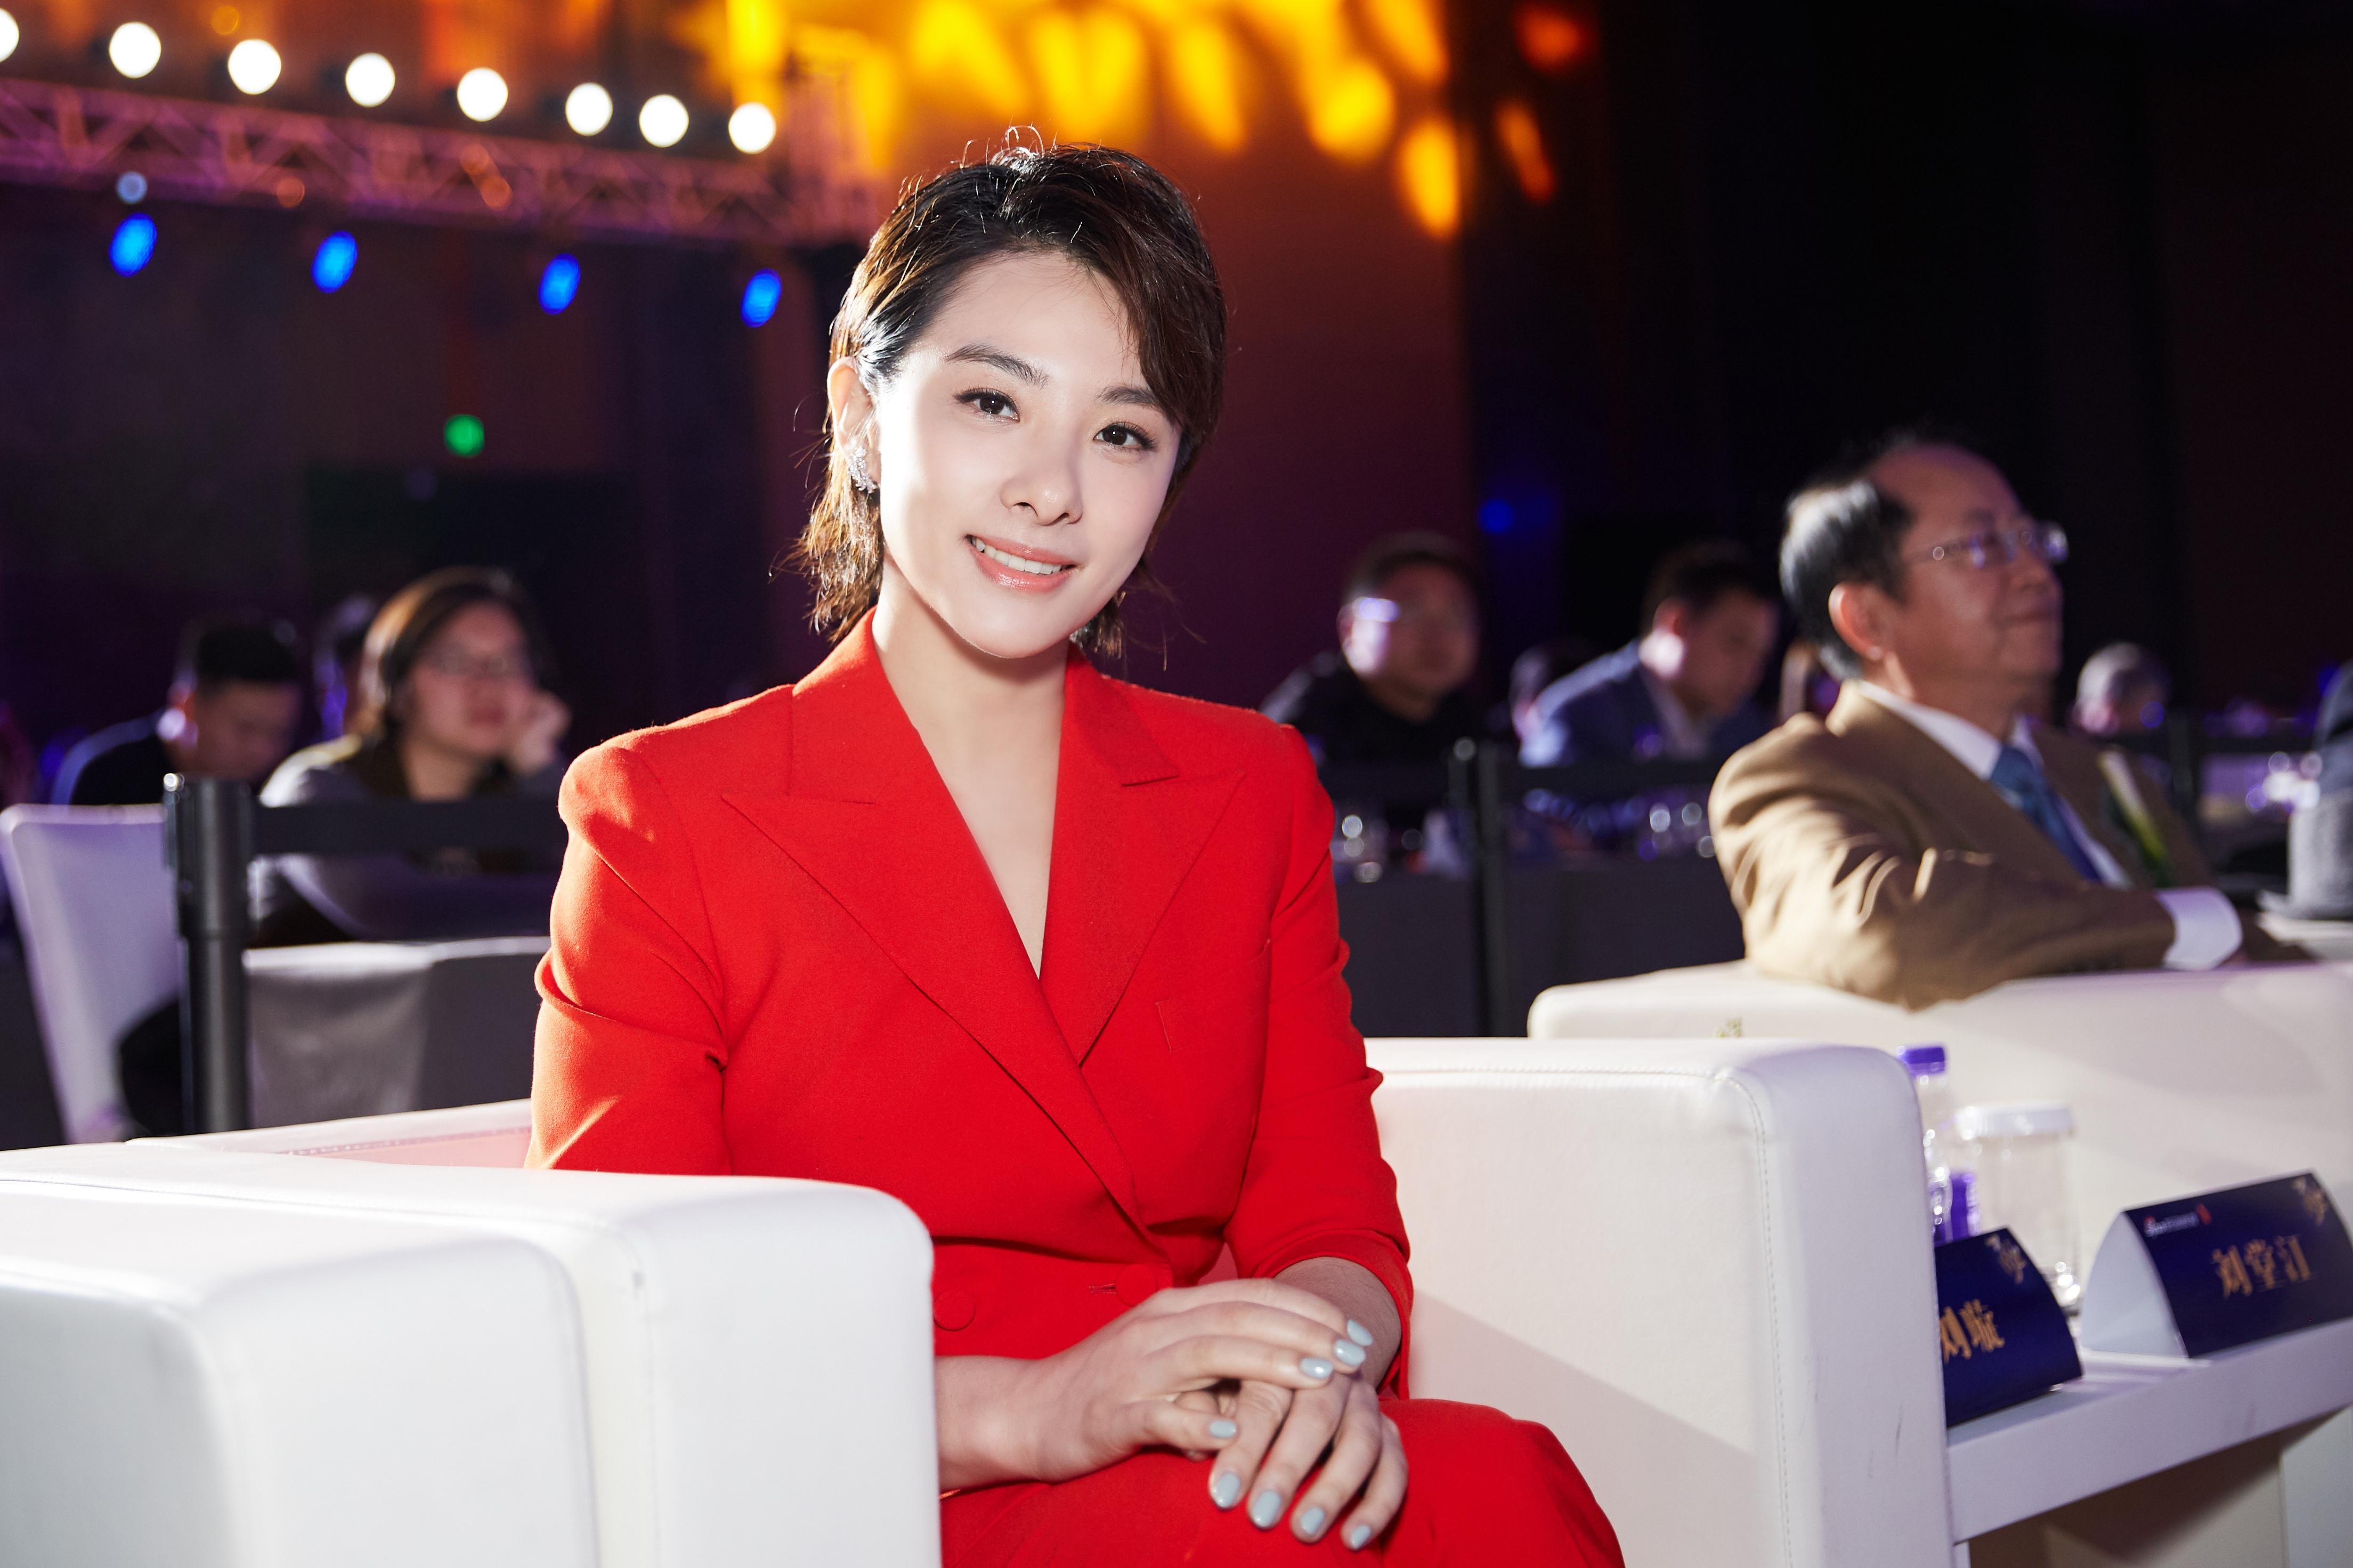 刘璇荣获教育公益大奖 坦言目前不希望儿子当冠军